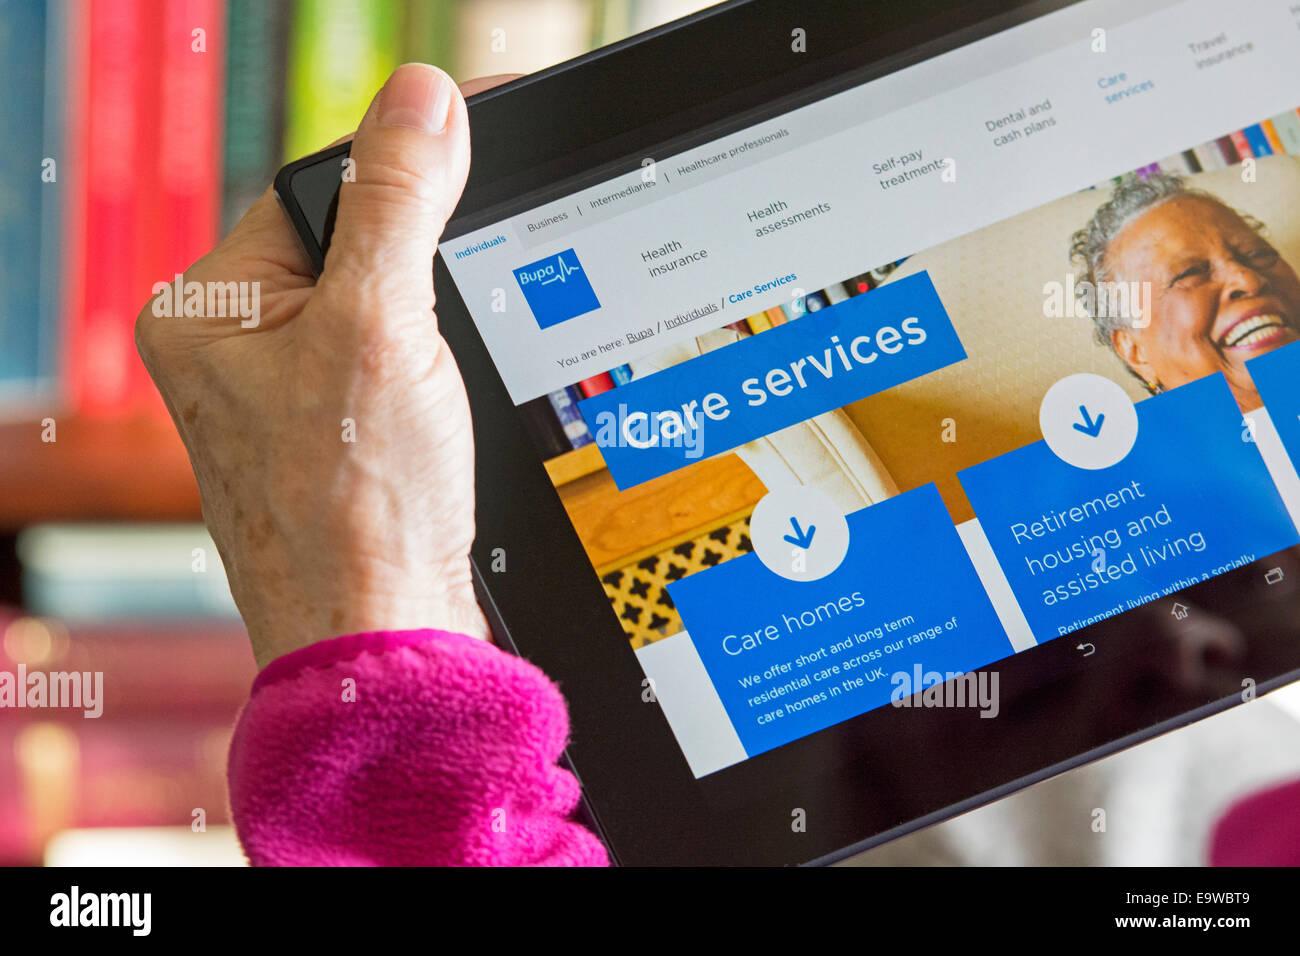 Pflegeheim, Care Services Bildschirm auf Website von Bupa, Frau liest Browsing Web Site für alten-und Pflegeheime Stockbild